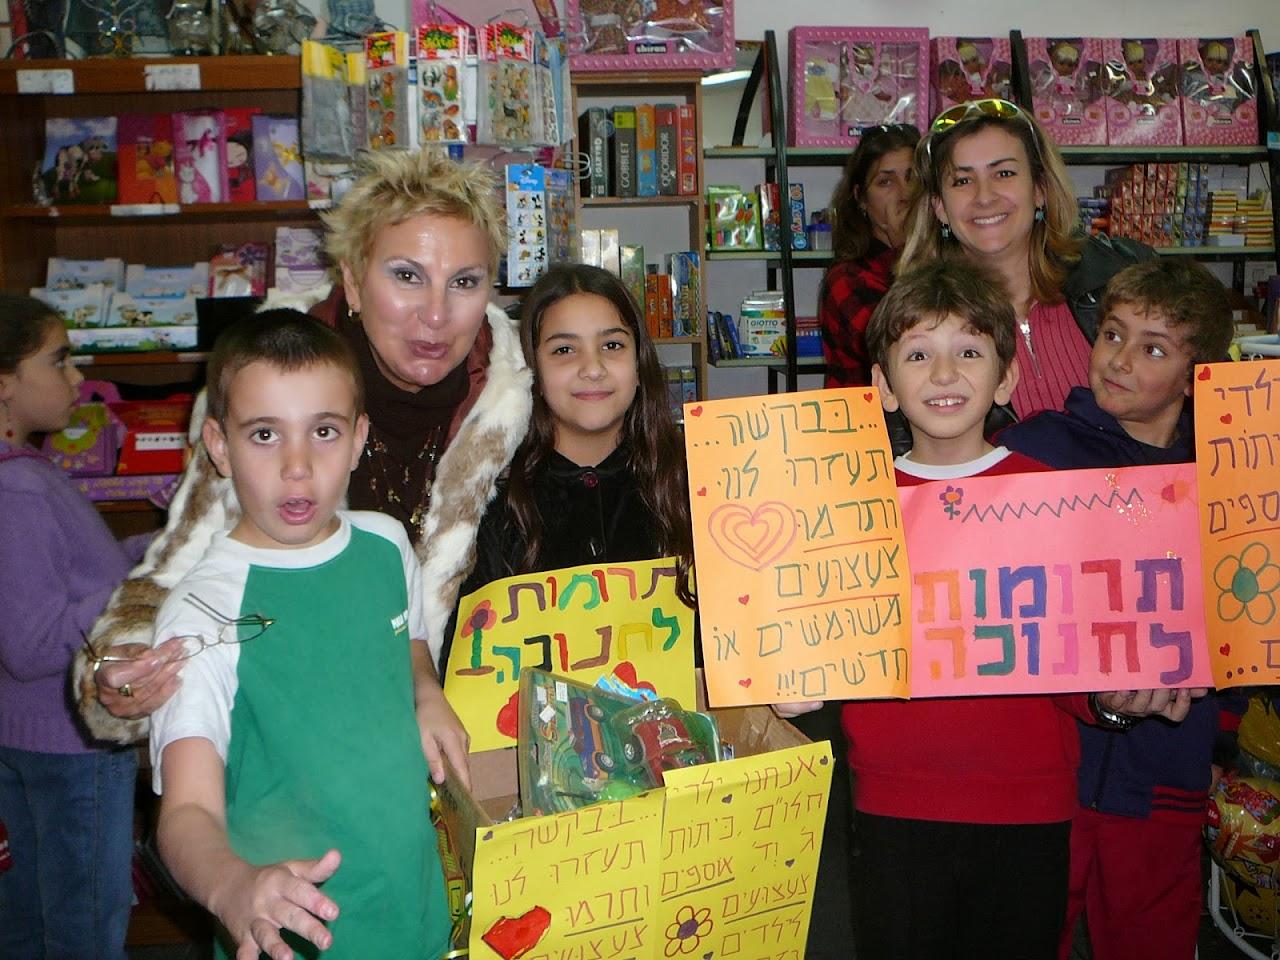 Hanukkah 2006  - 2006-12-15 06.02.17.jpg